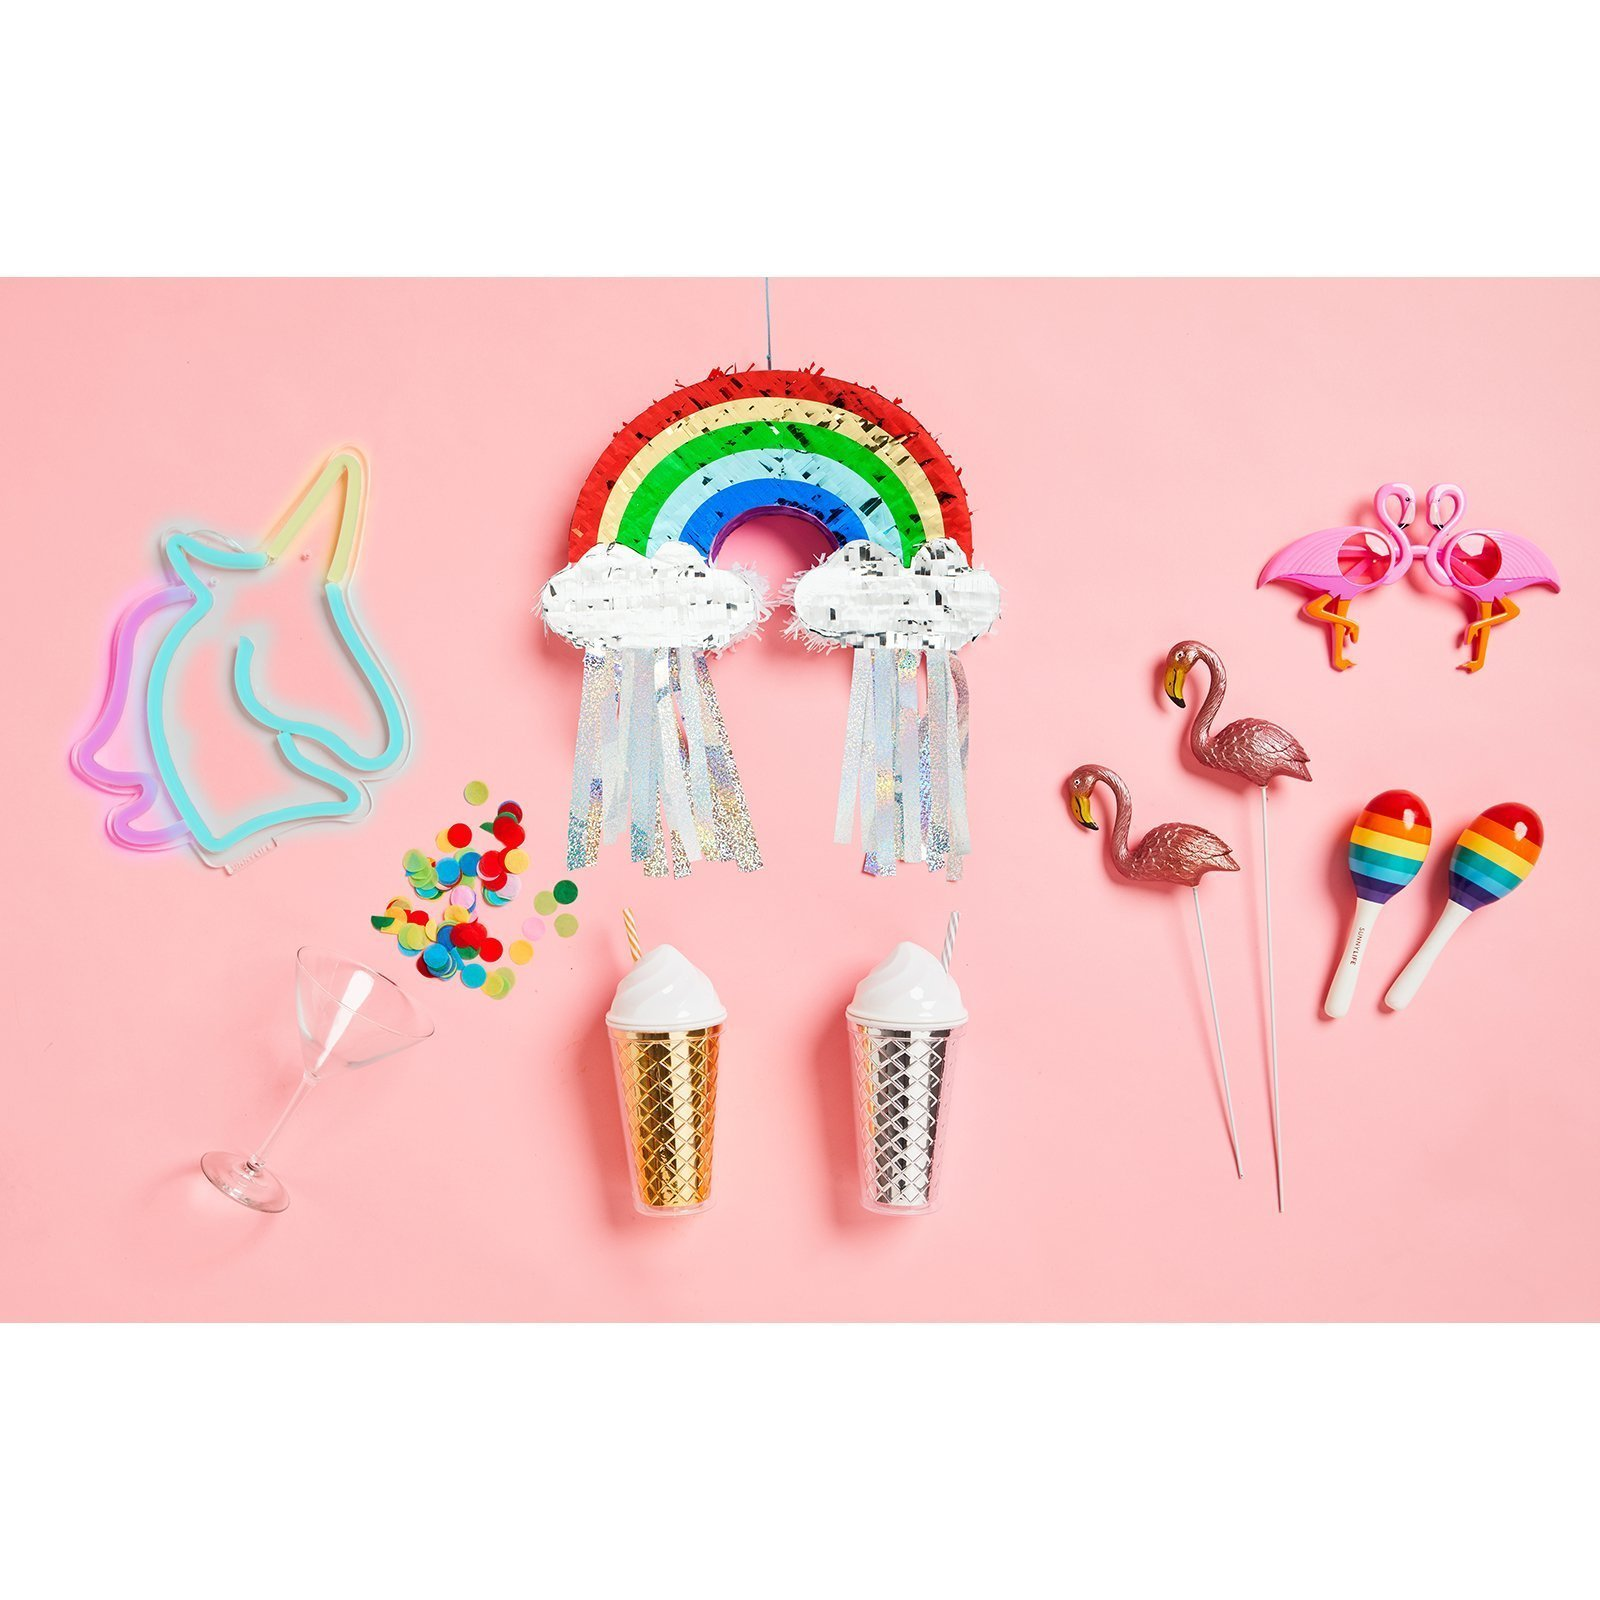 Party Small Rainbow Pinata Rainbow Mini Pinata Brand